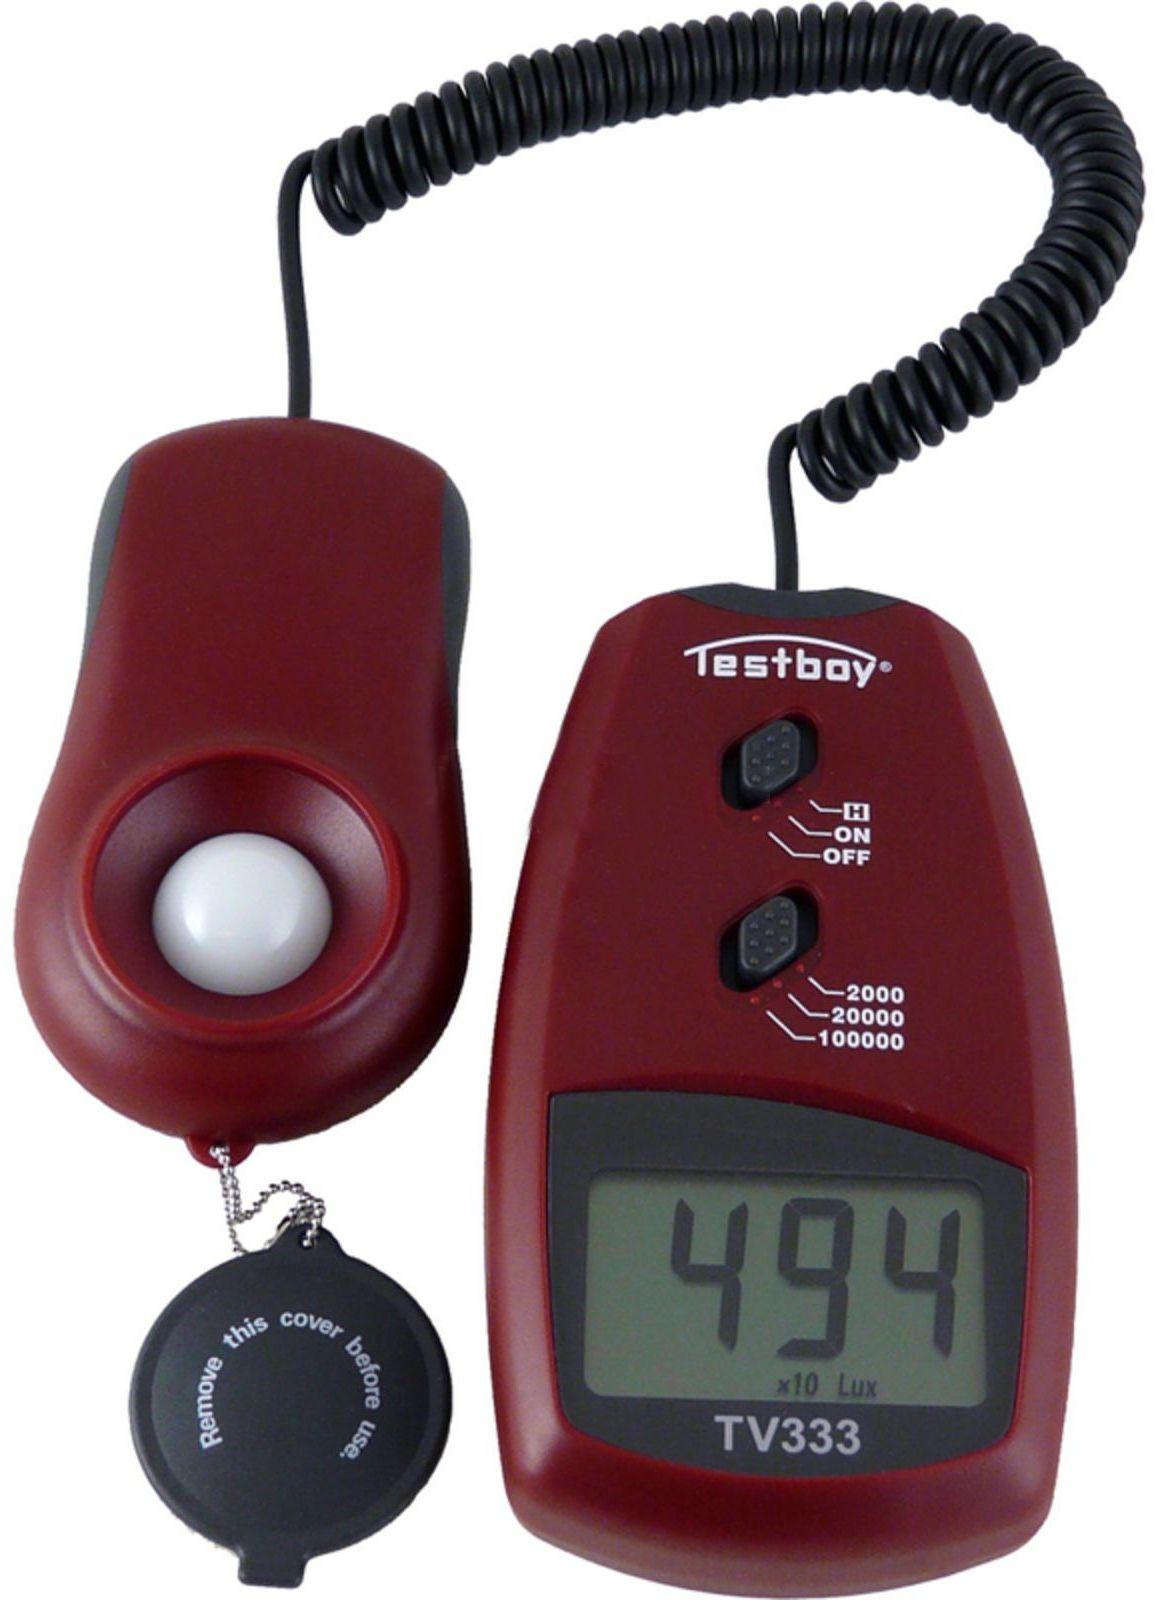 Testboy TV 333 - цифровой измеритель освещенности (Red) TESTBOYTV333